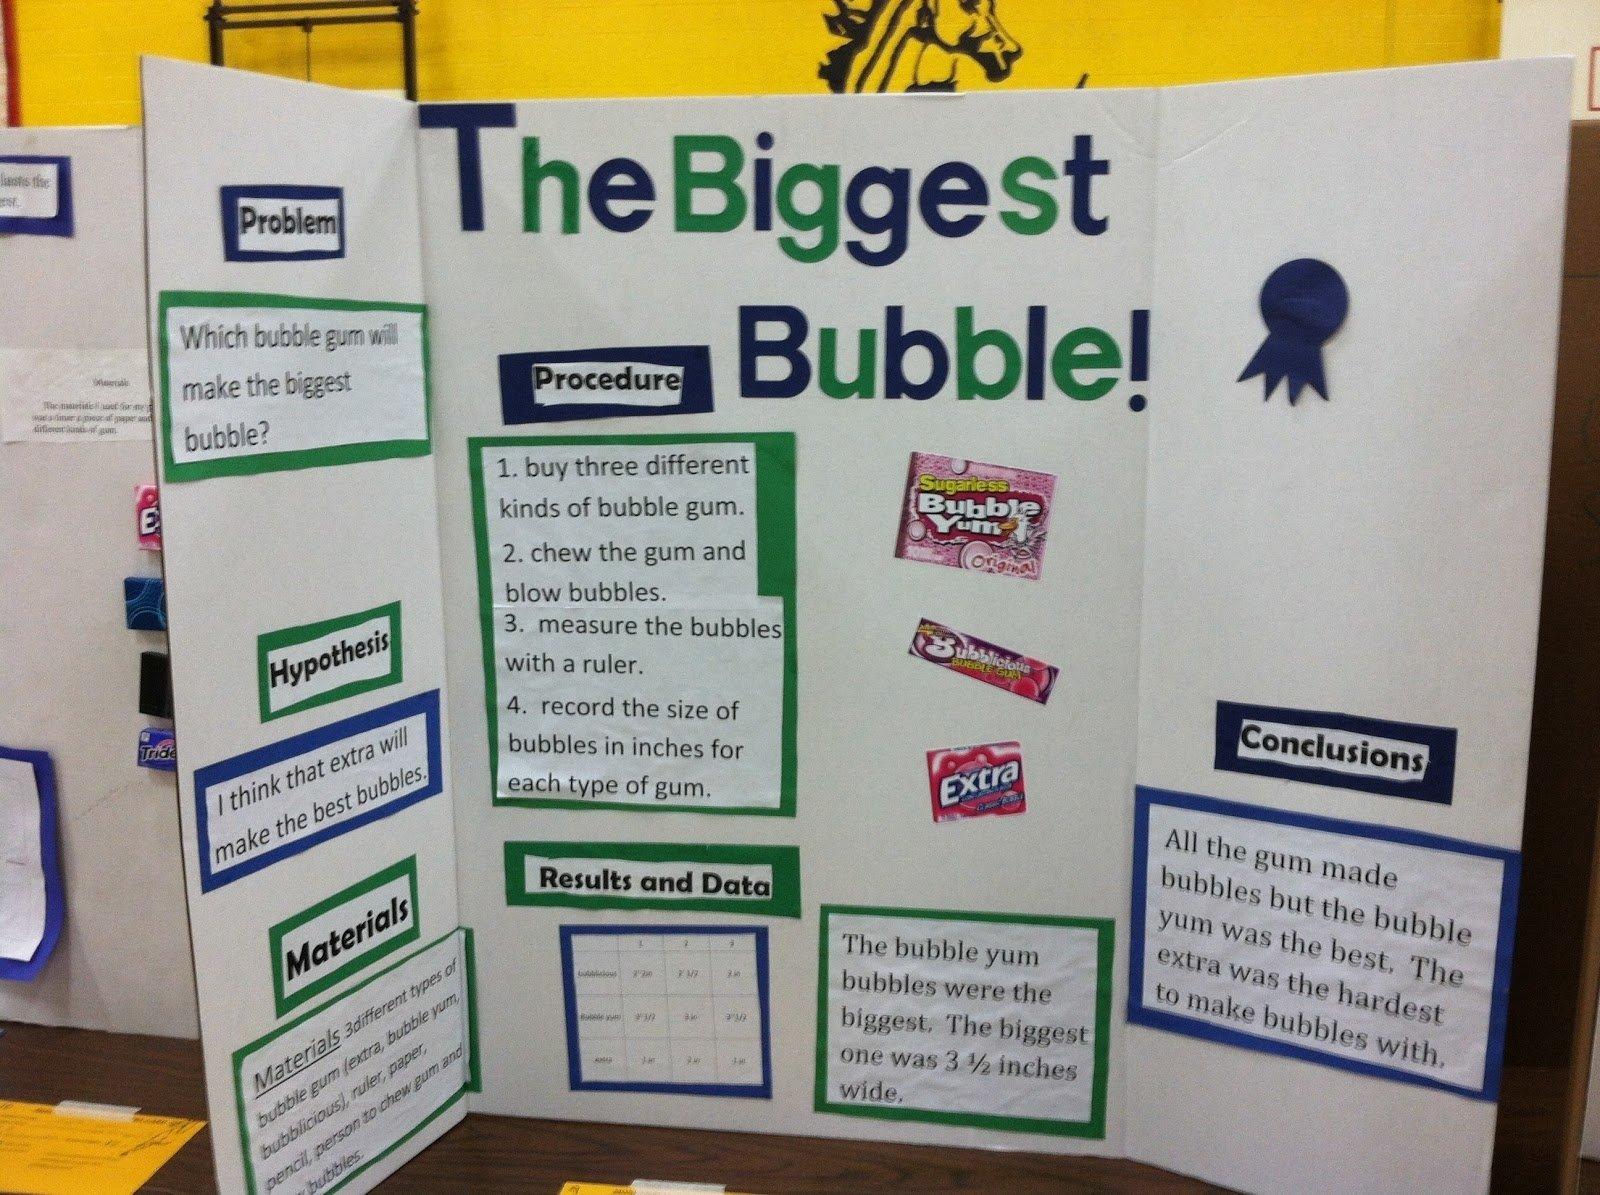 10 Famous Seventh Grade Science Project Ideas complete diy wood science projects 7th grade ideas radha plans idea 5 2020